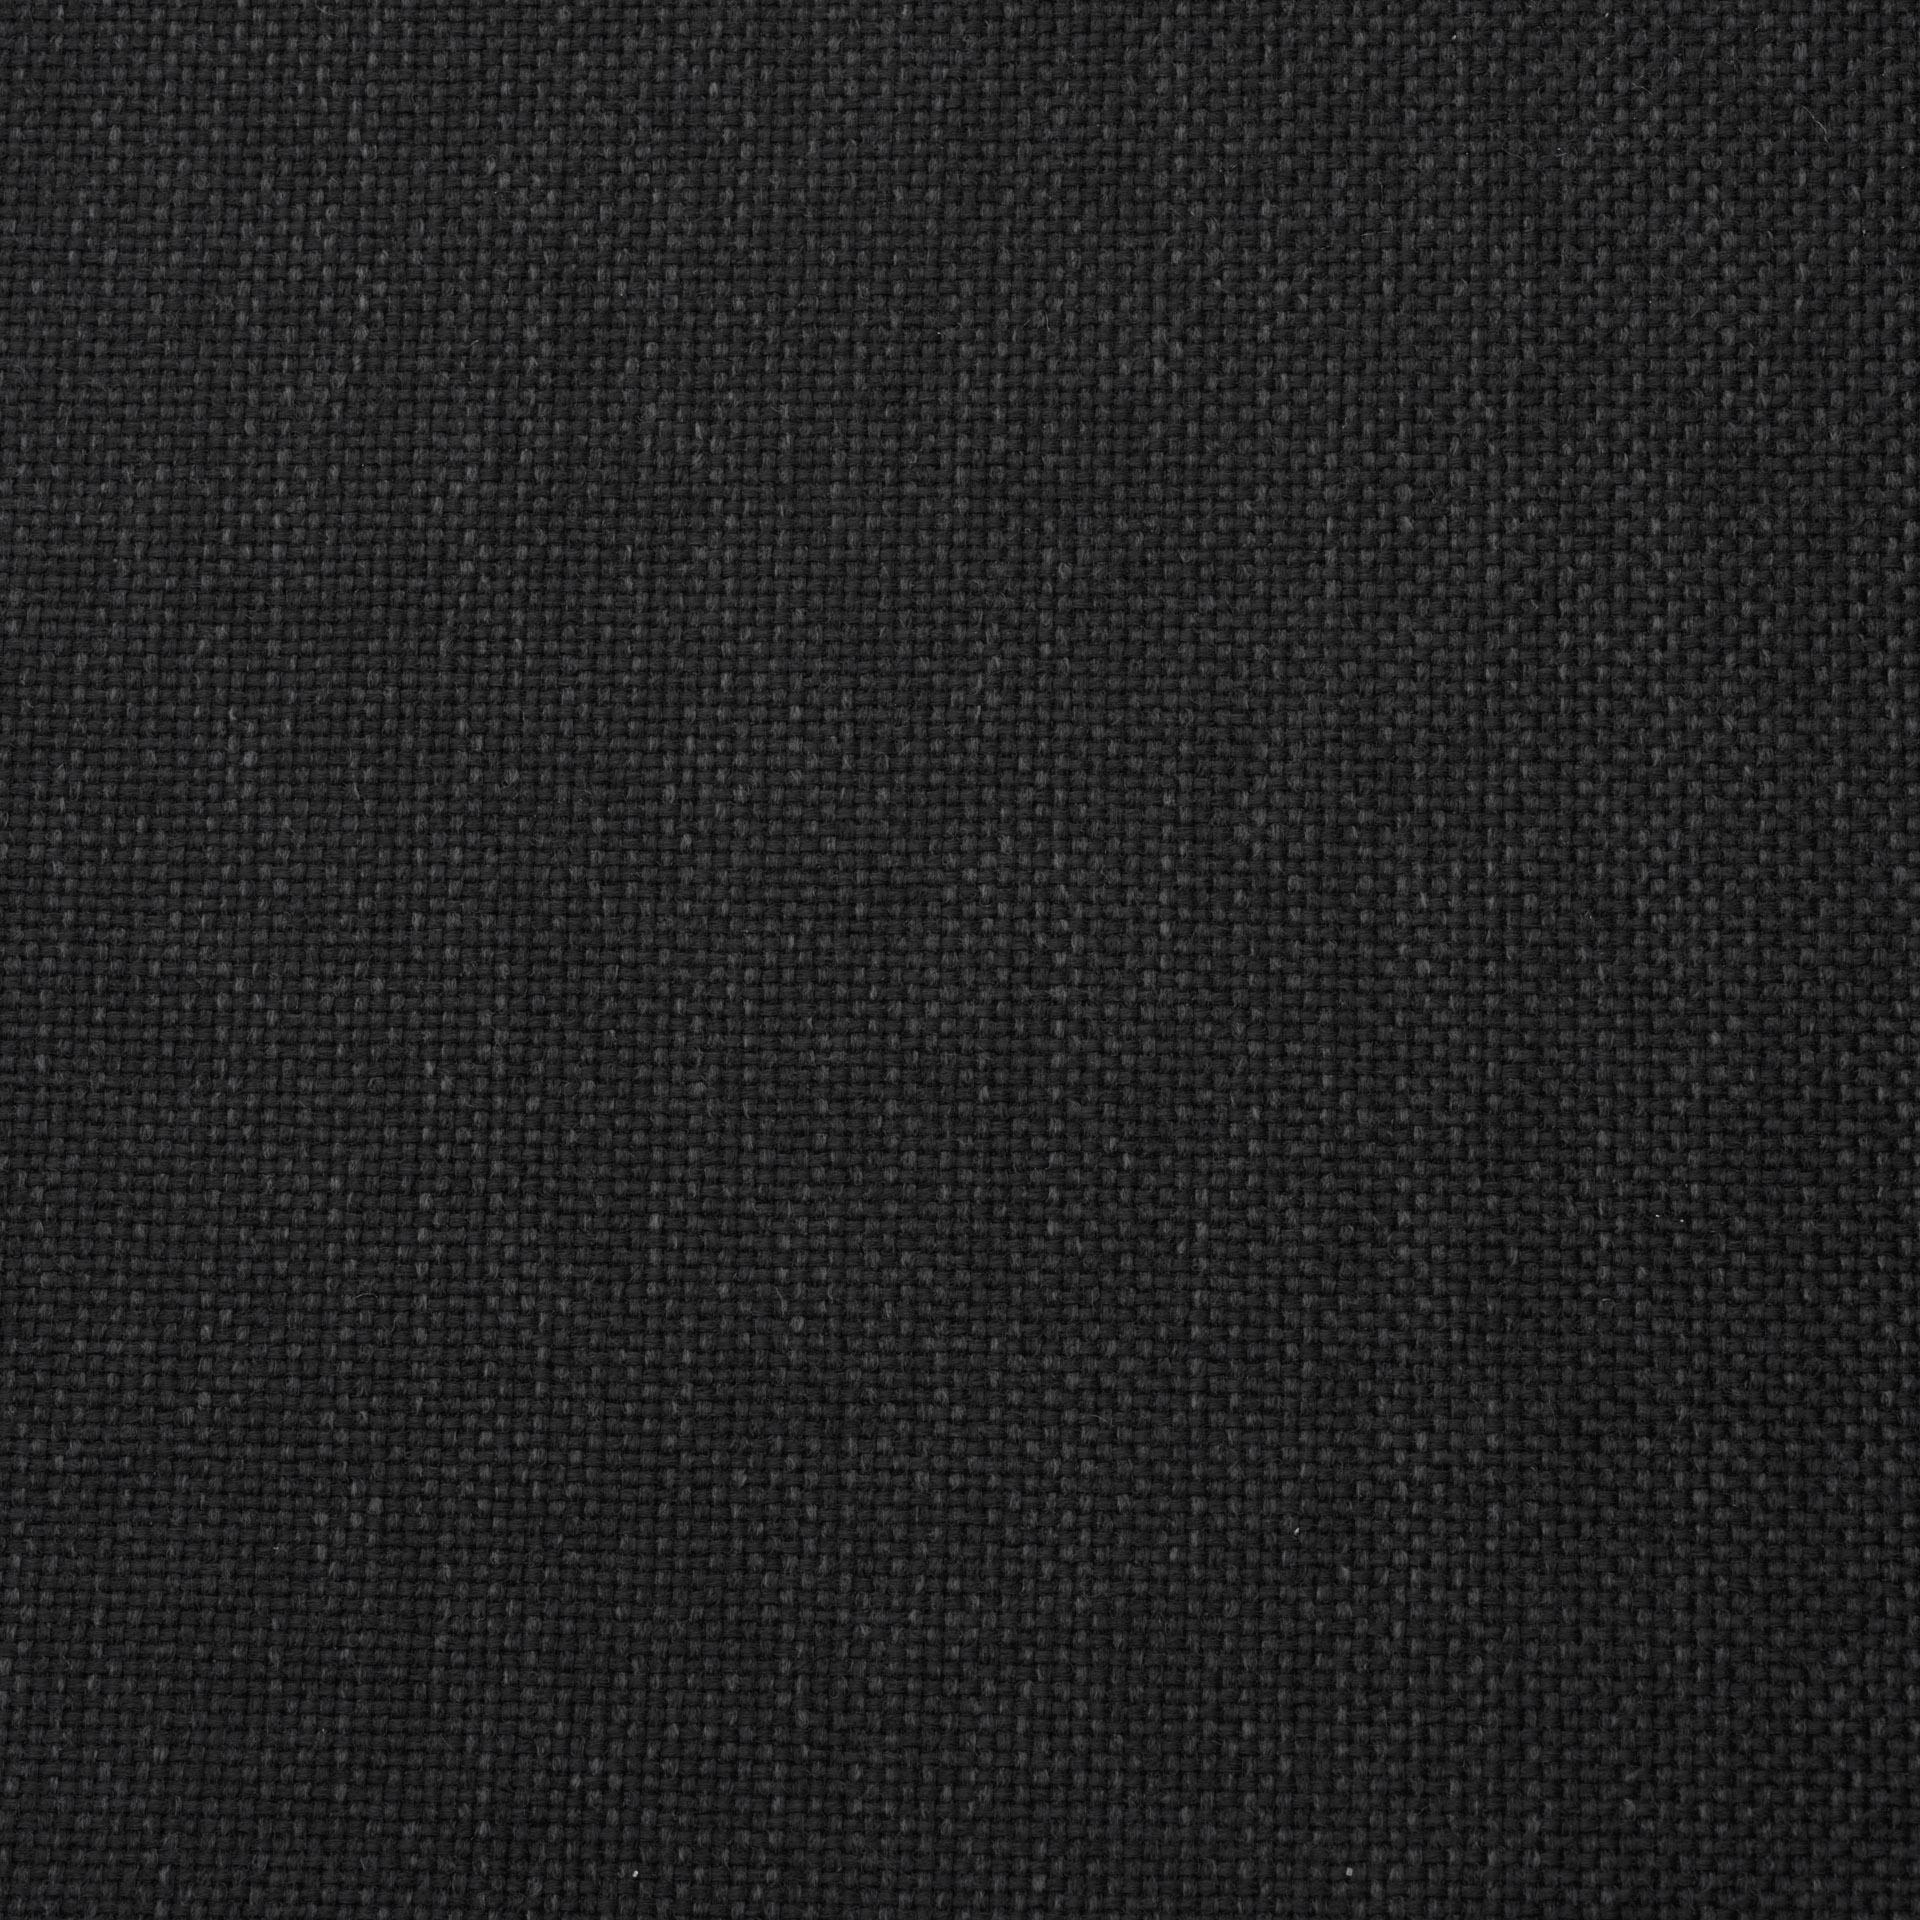 Коллекция ткани Инарис 100,  купить ткань Рогожка для мебели Украина